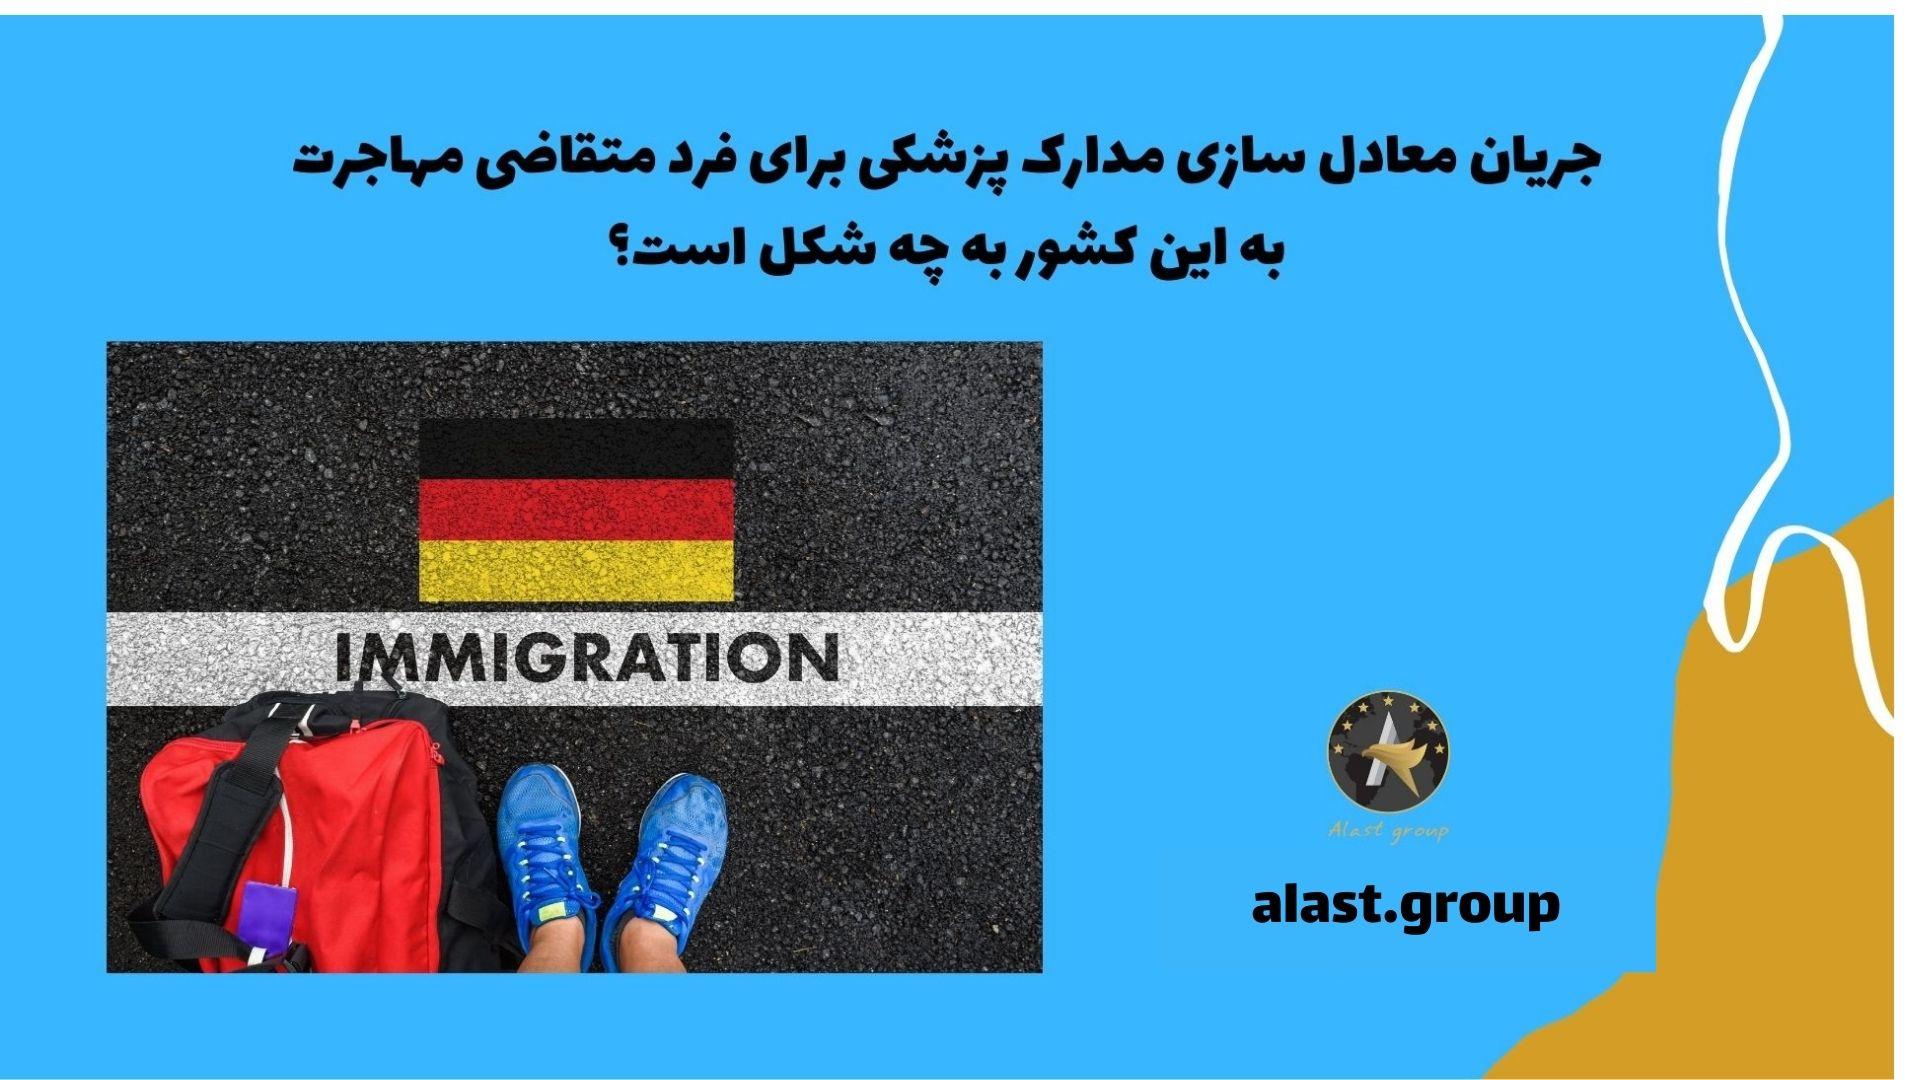 جریان معادل سازی مدارک پزشکی برای فرد متقاضی مهاجرت به این کشور به چه شکل است؟